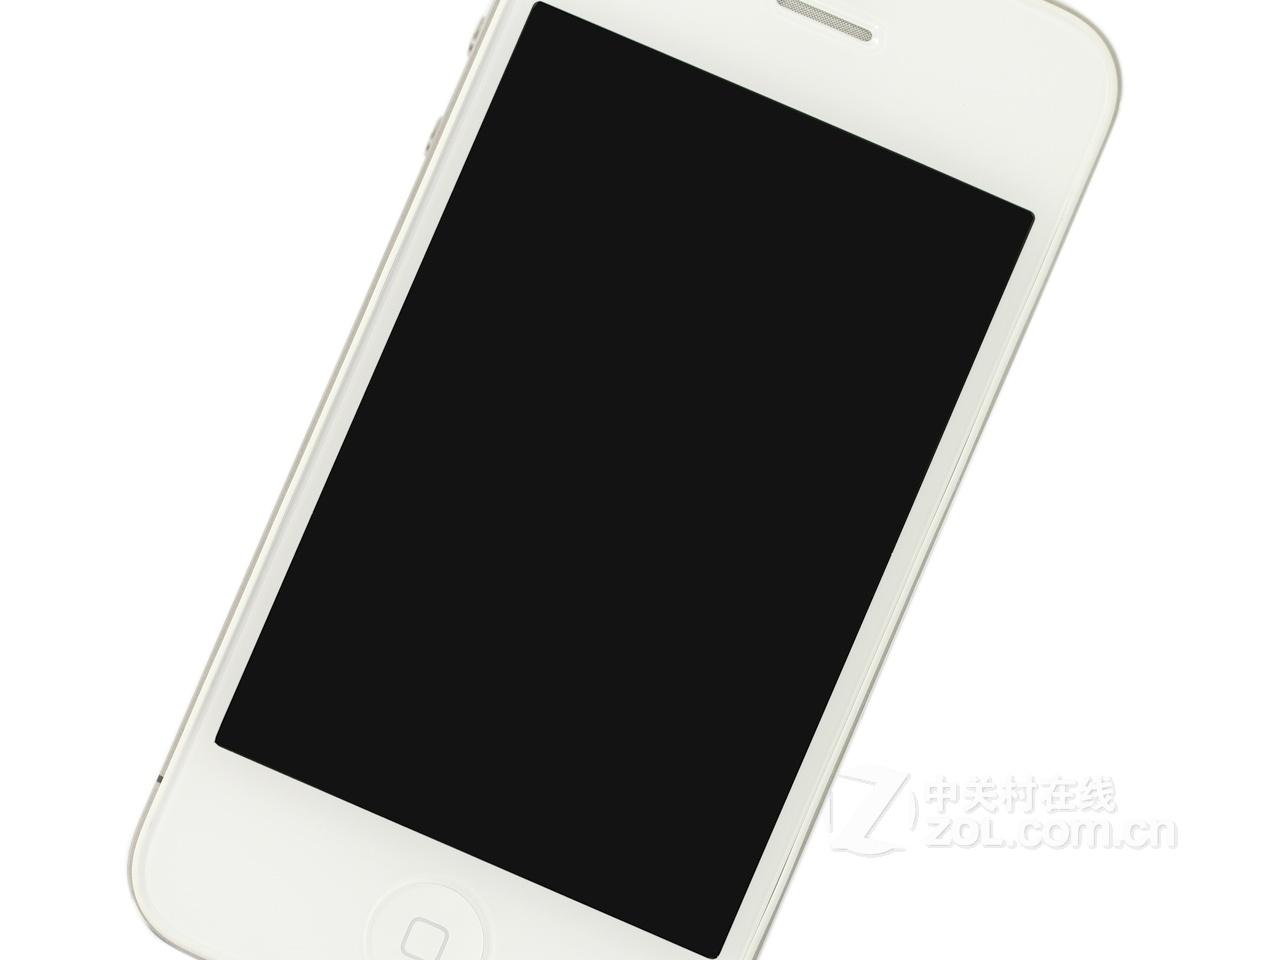 手机 苹果iphone 4(16gb/白色) 图片 详细内容 > 原始大图    - 主屏